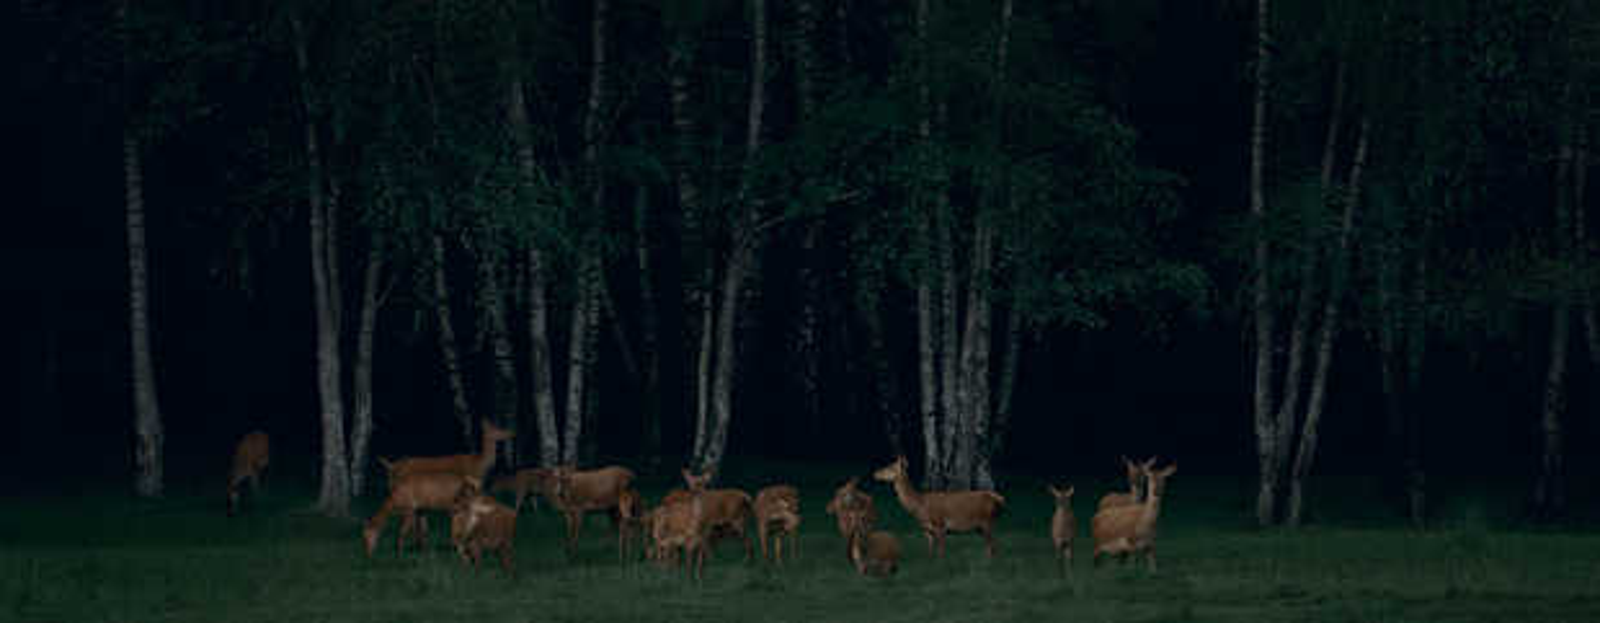 Pride of Deer #1 - Frank Stoeckel